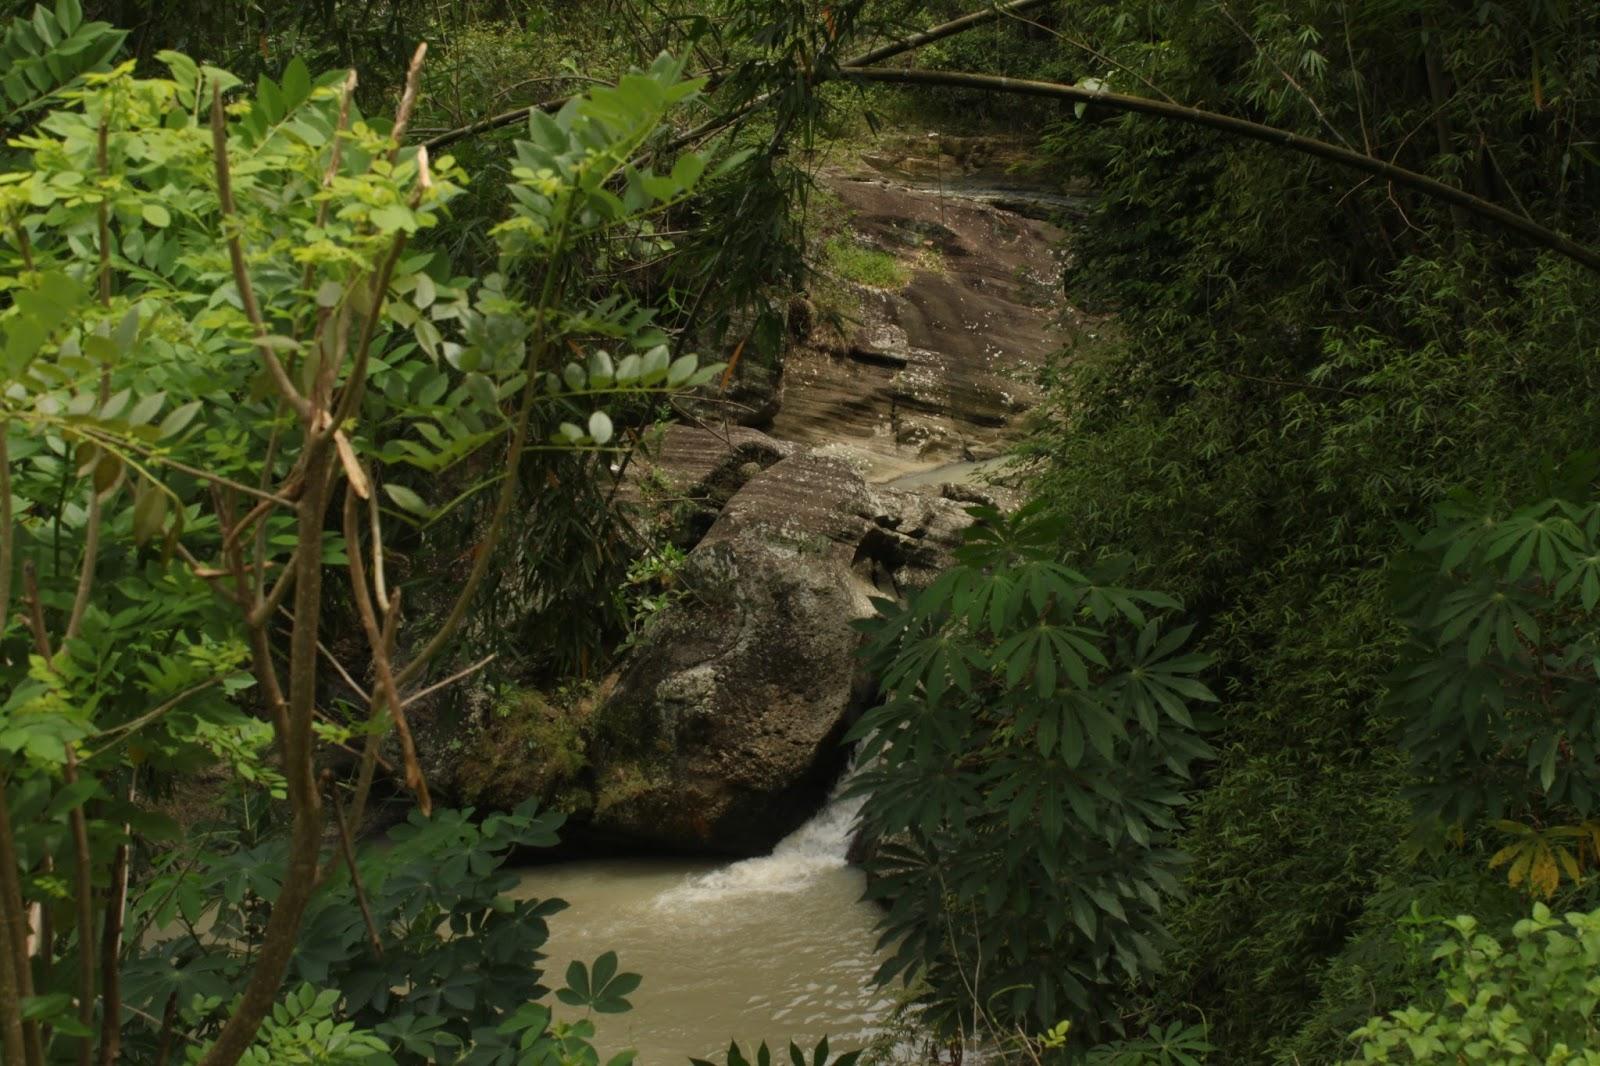 Hutan Kecil Curug Bayat Ngulik Yuk Bro Wisata Daerah Menggambarkan